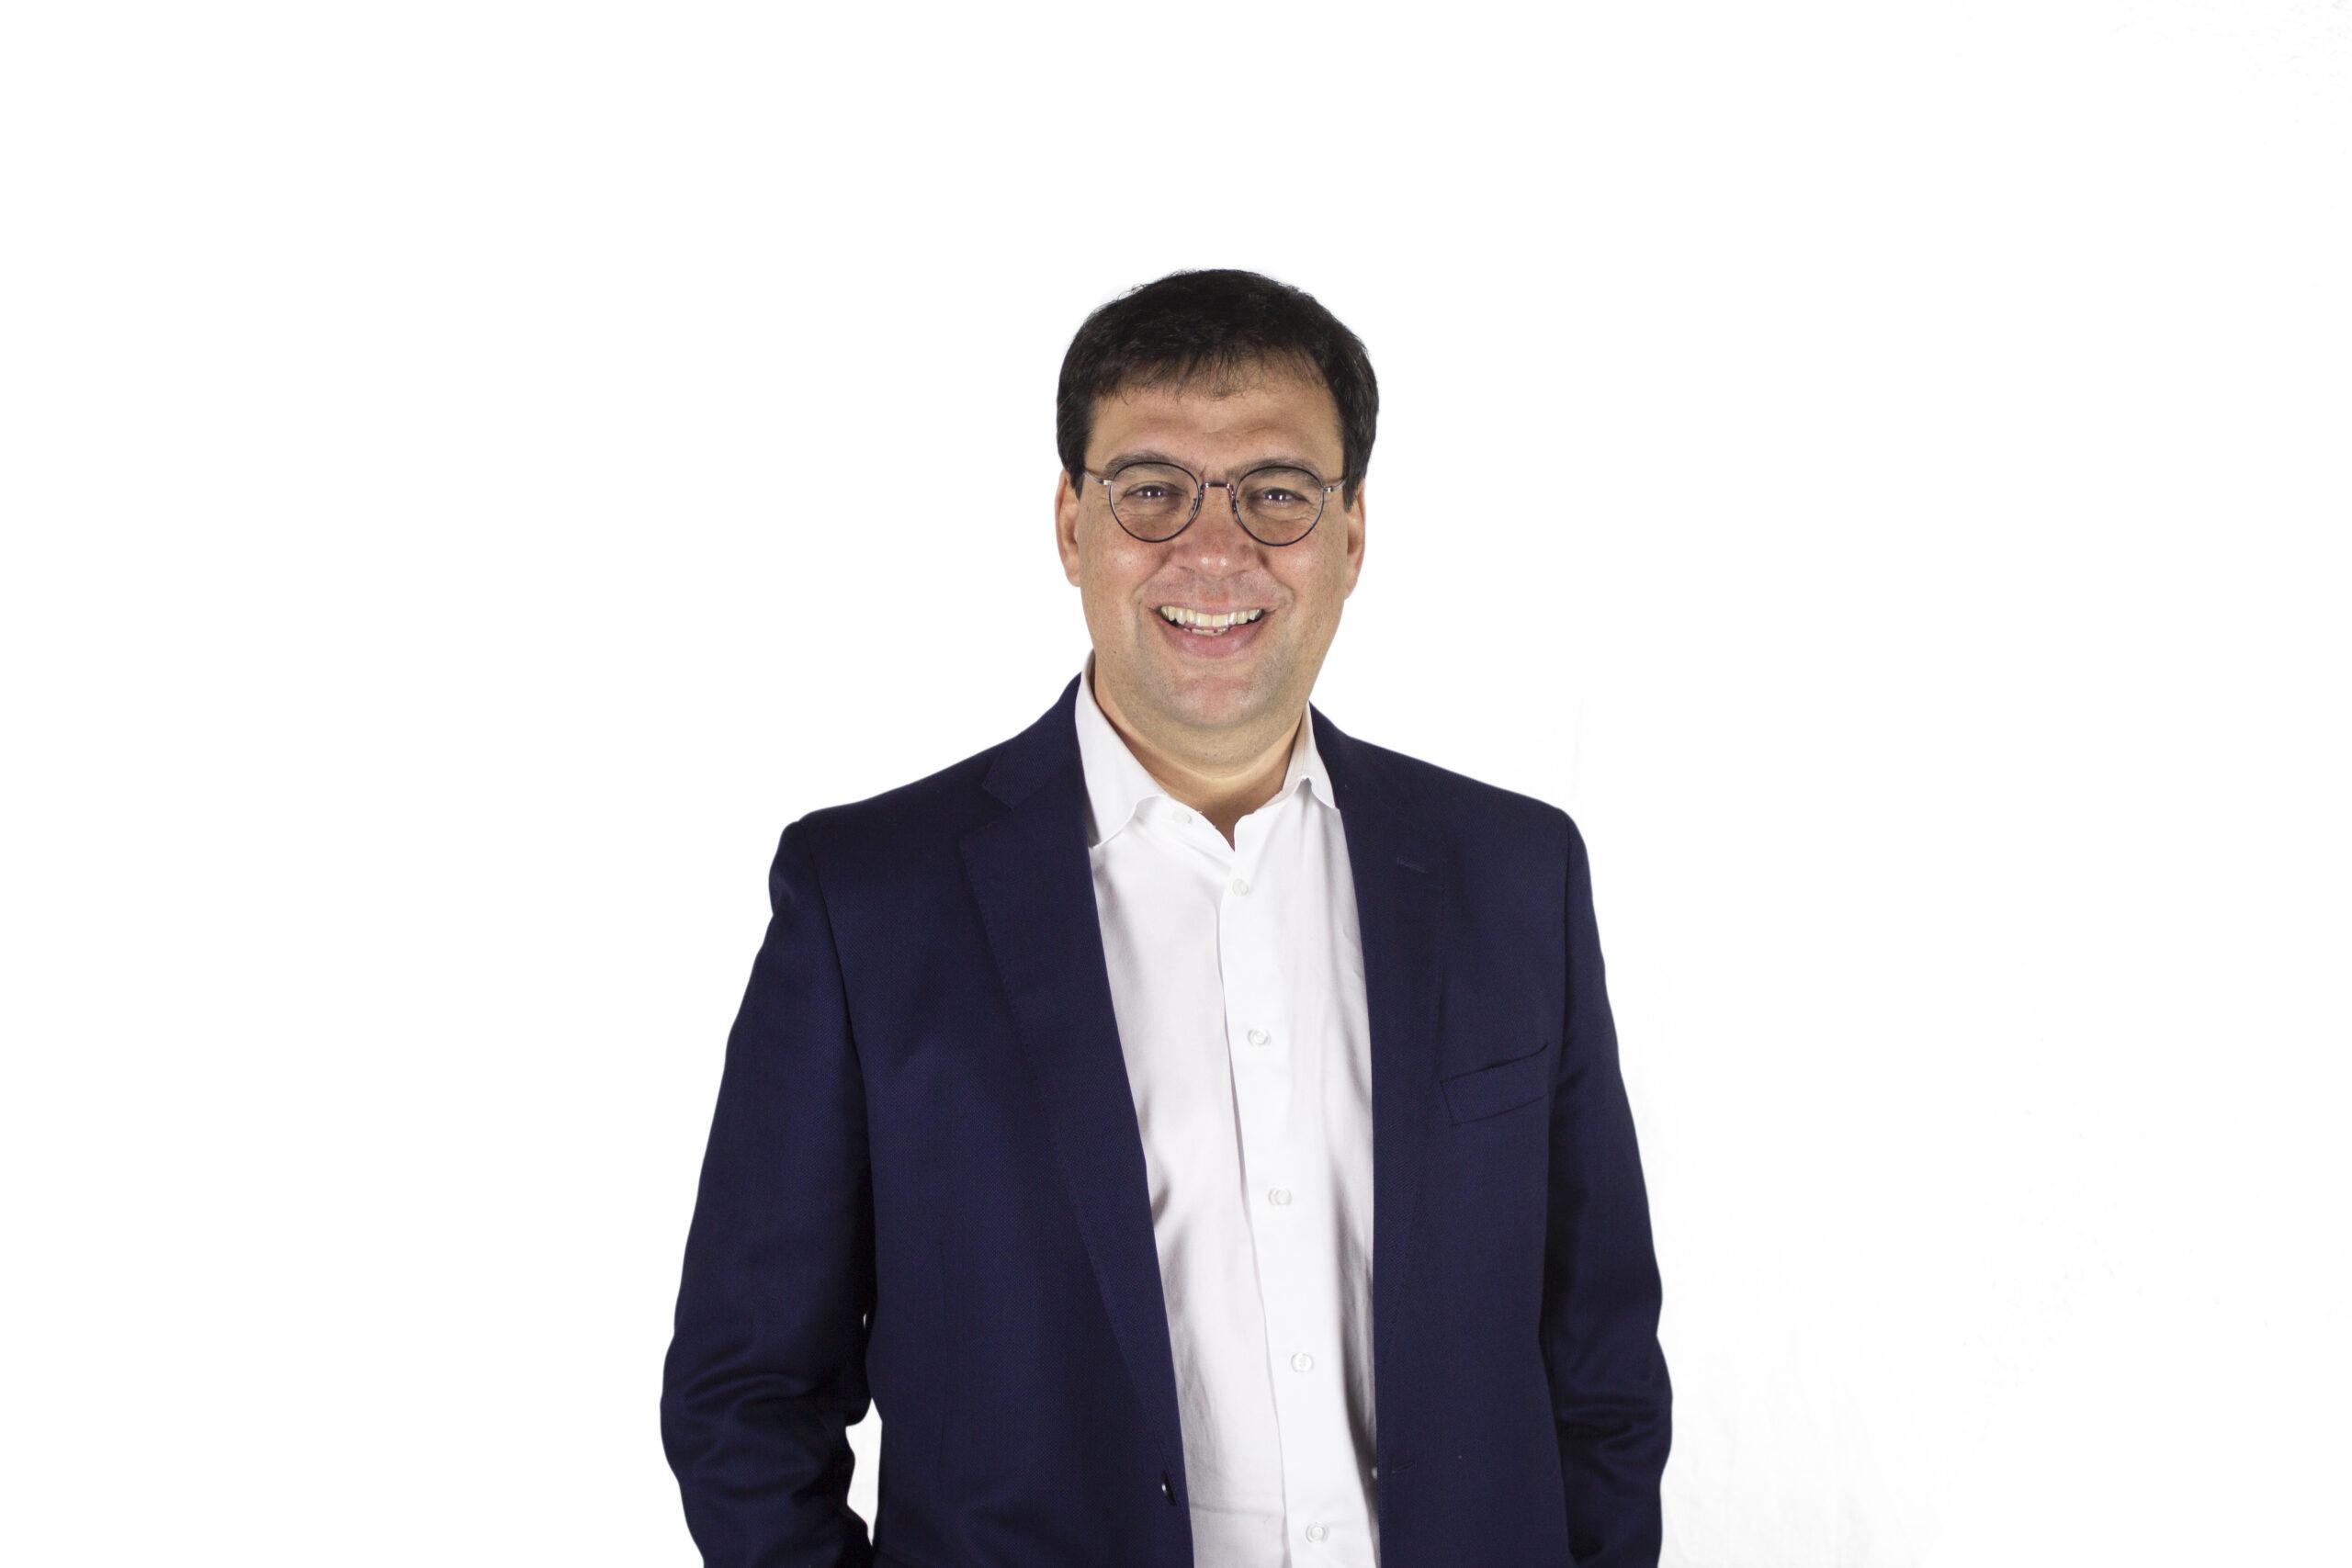 Marco Rizza